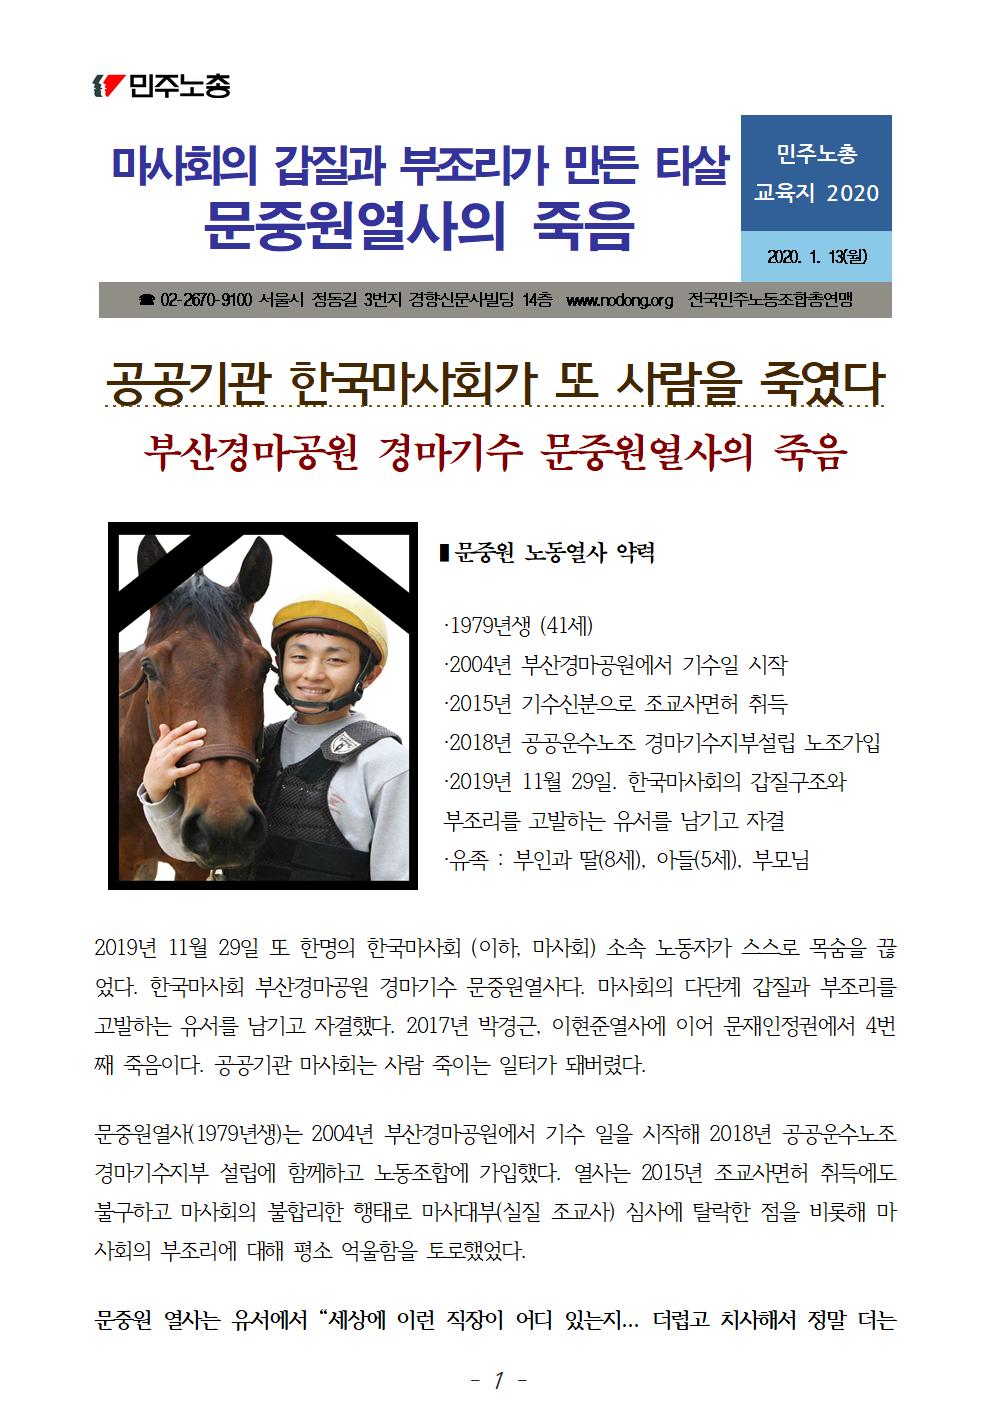 민주노총 교육지_2020_마사회의갑질과부조리가만든타살문중원열사001.png